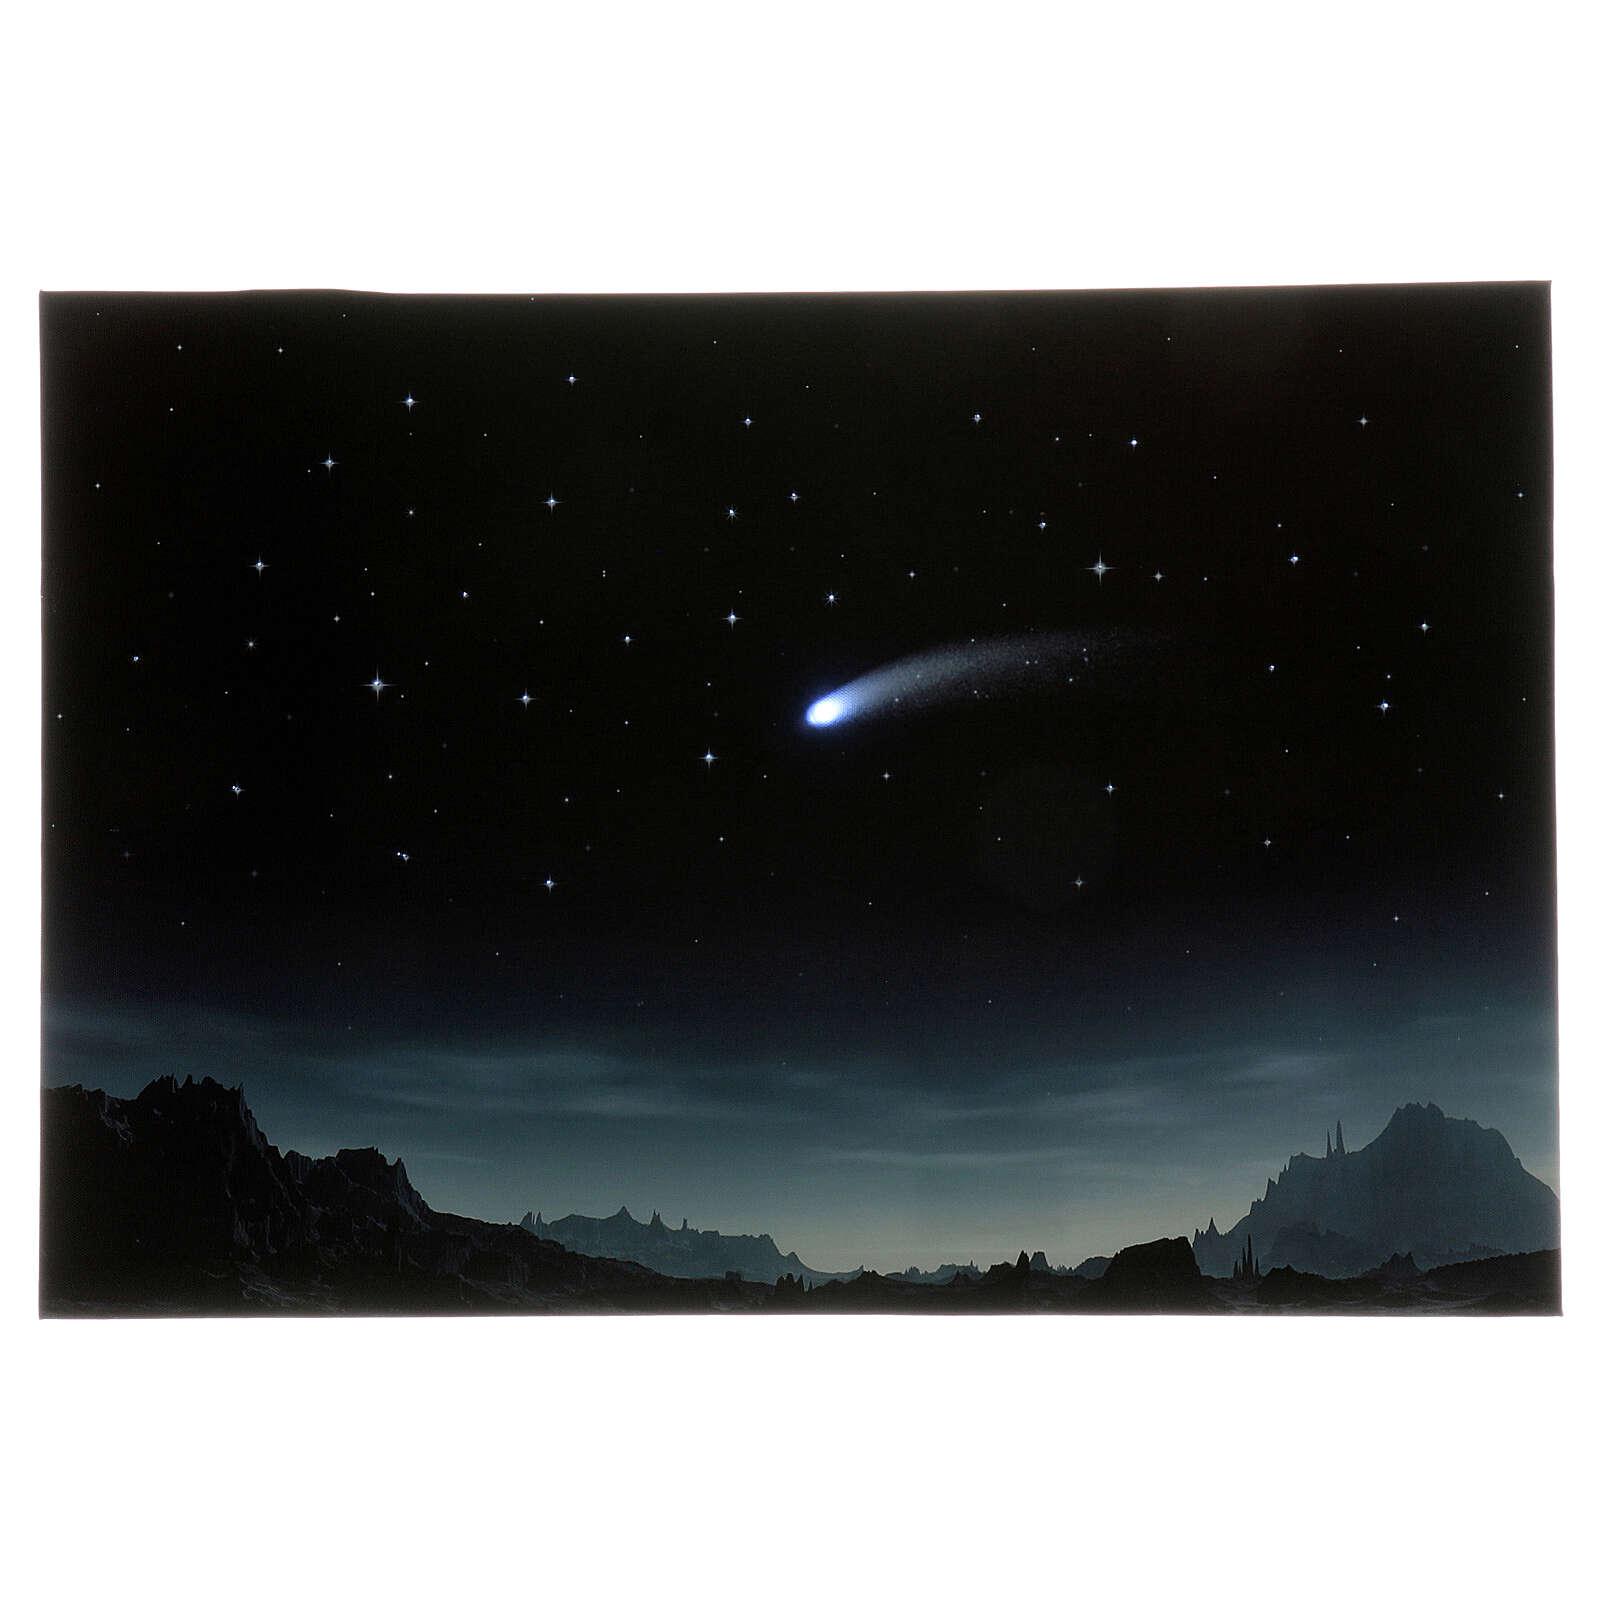 Toile de fond nuit étoilée et comète éclairée 40x60 cm 4